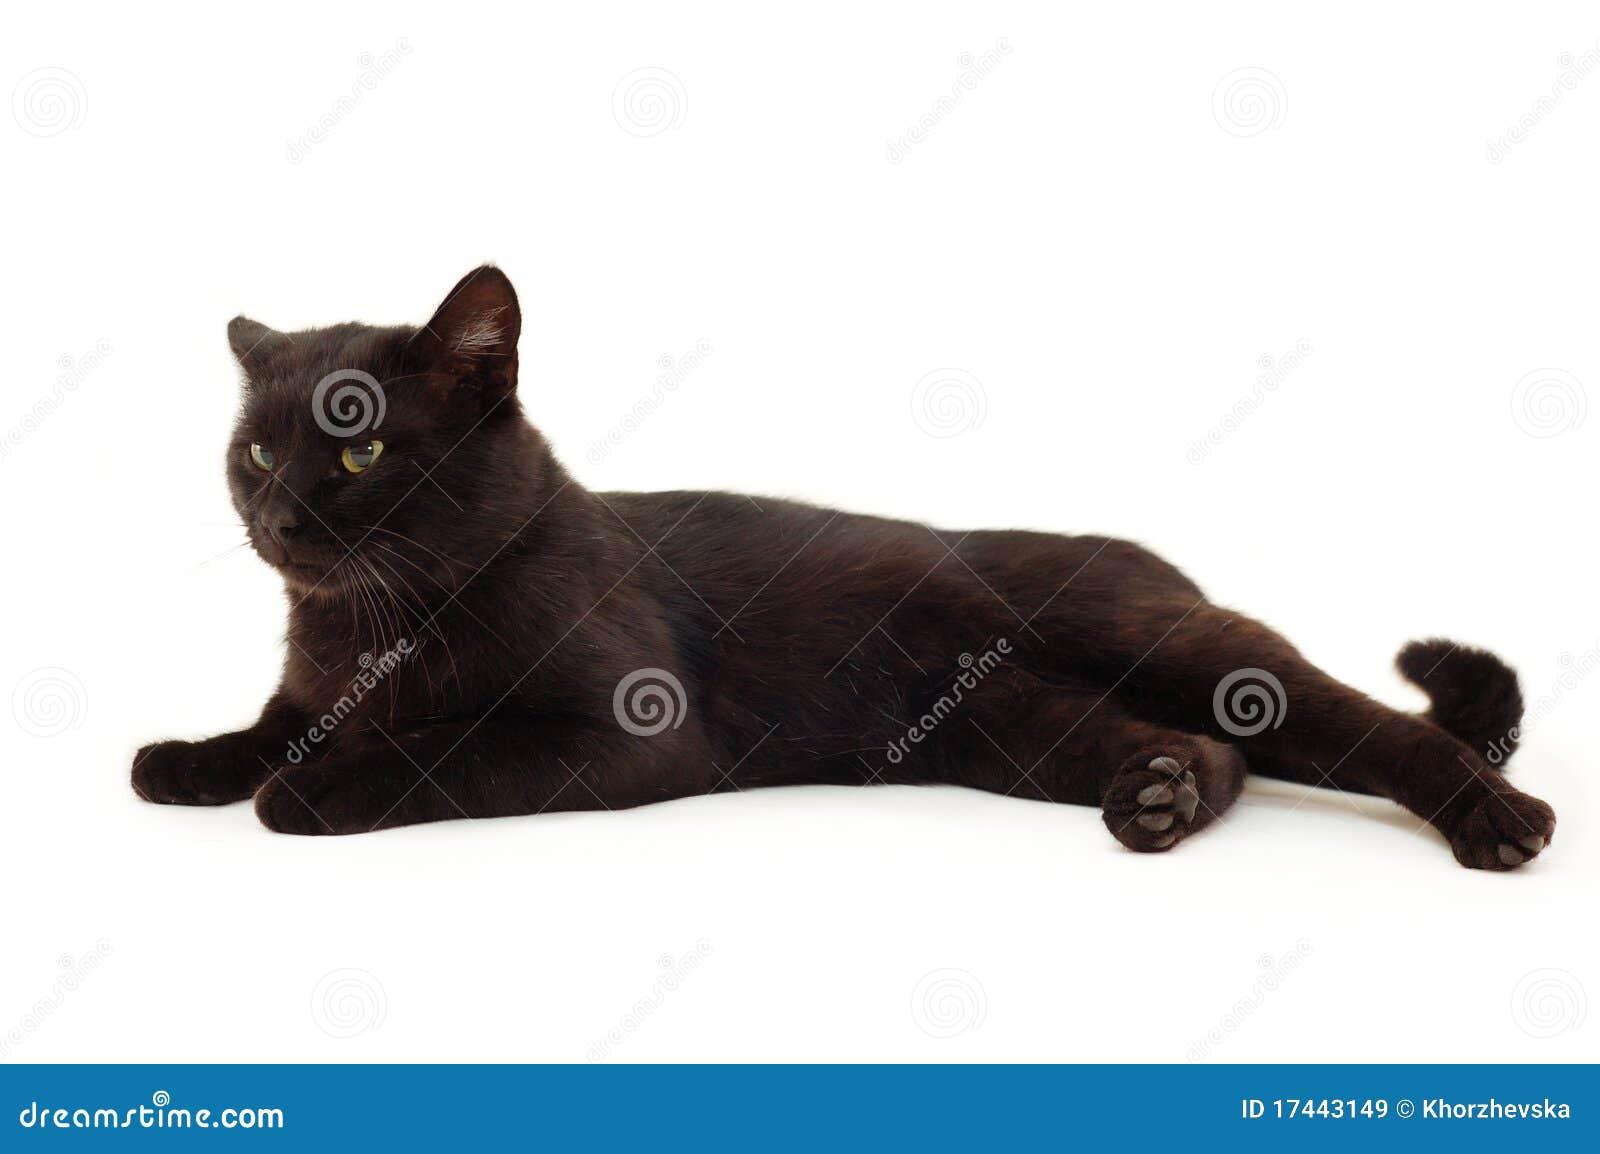 Old black cat